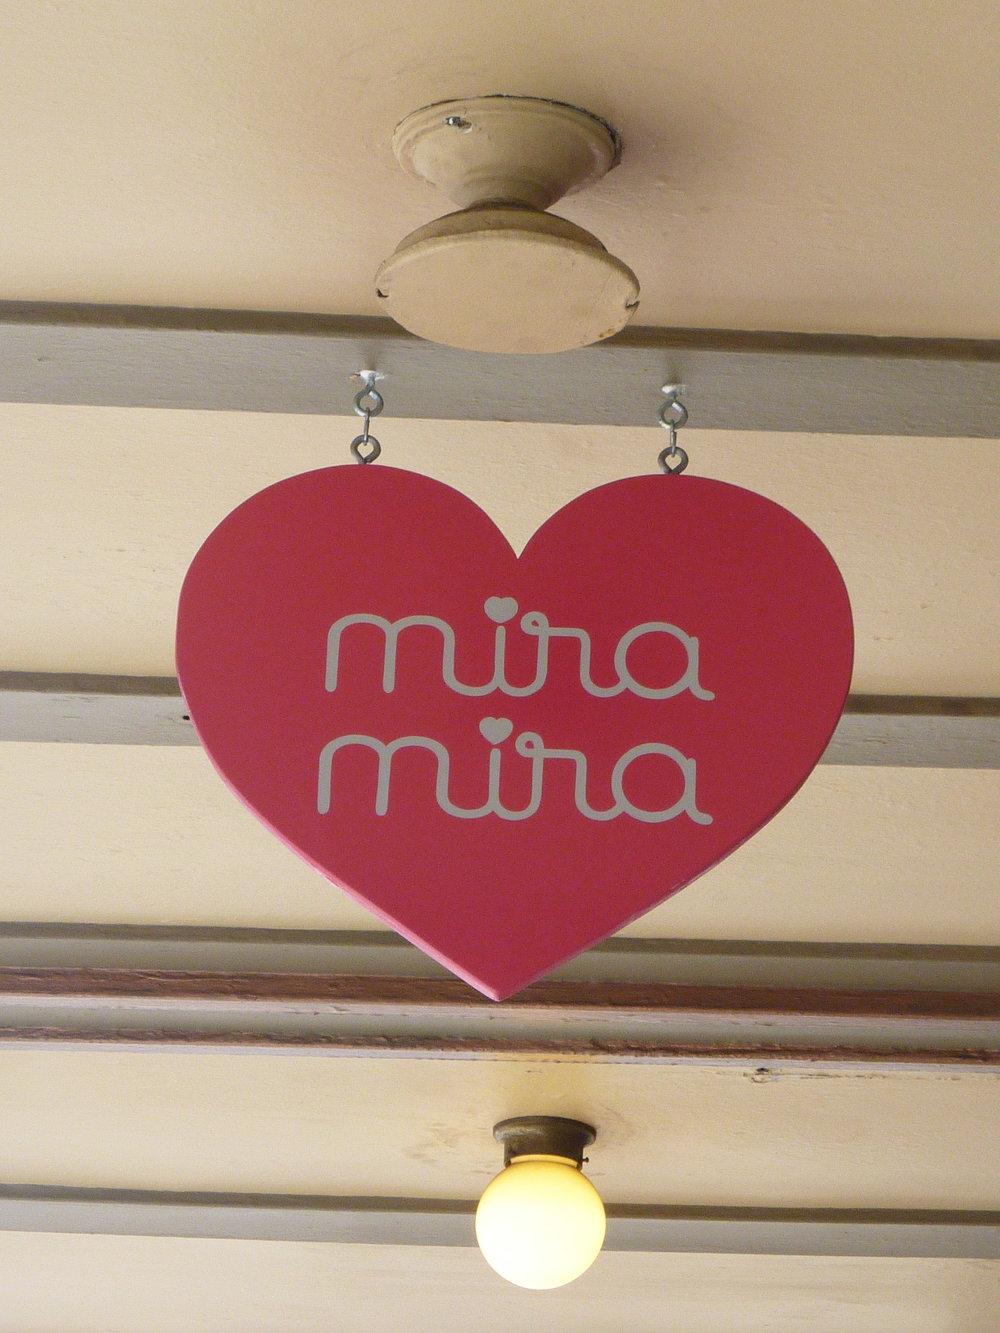 HAND-mira-mira_6056878295_o.jpg